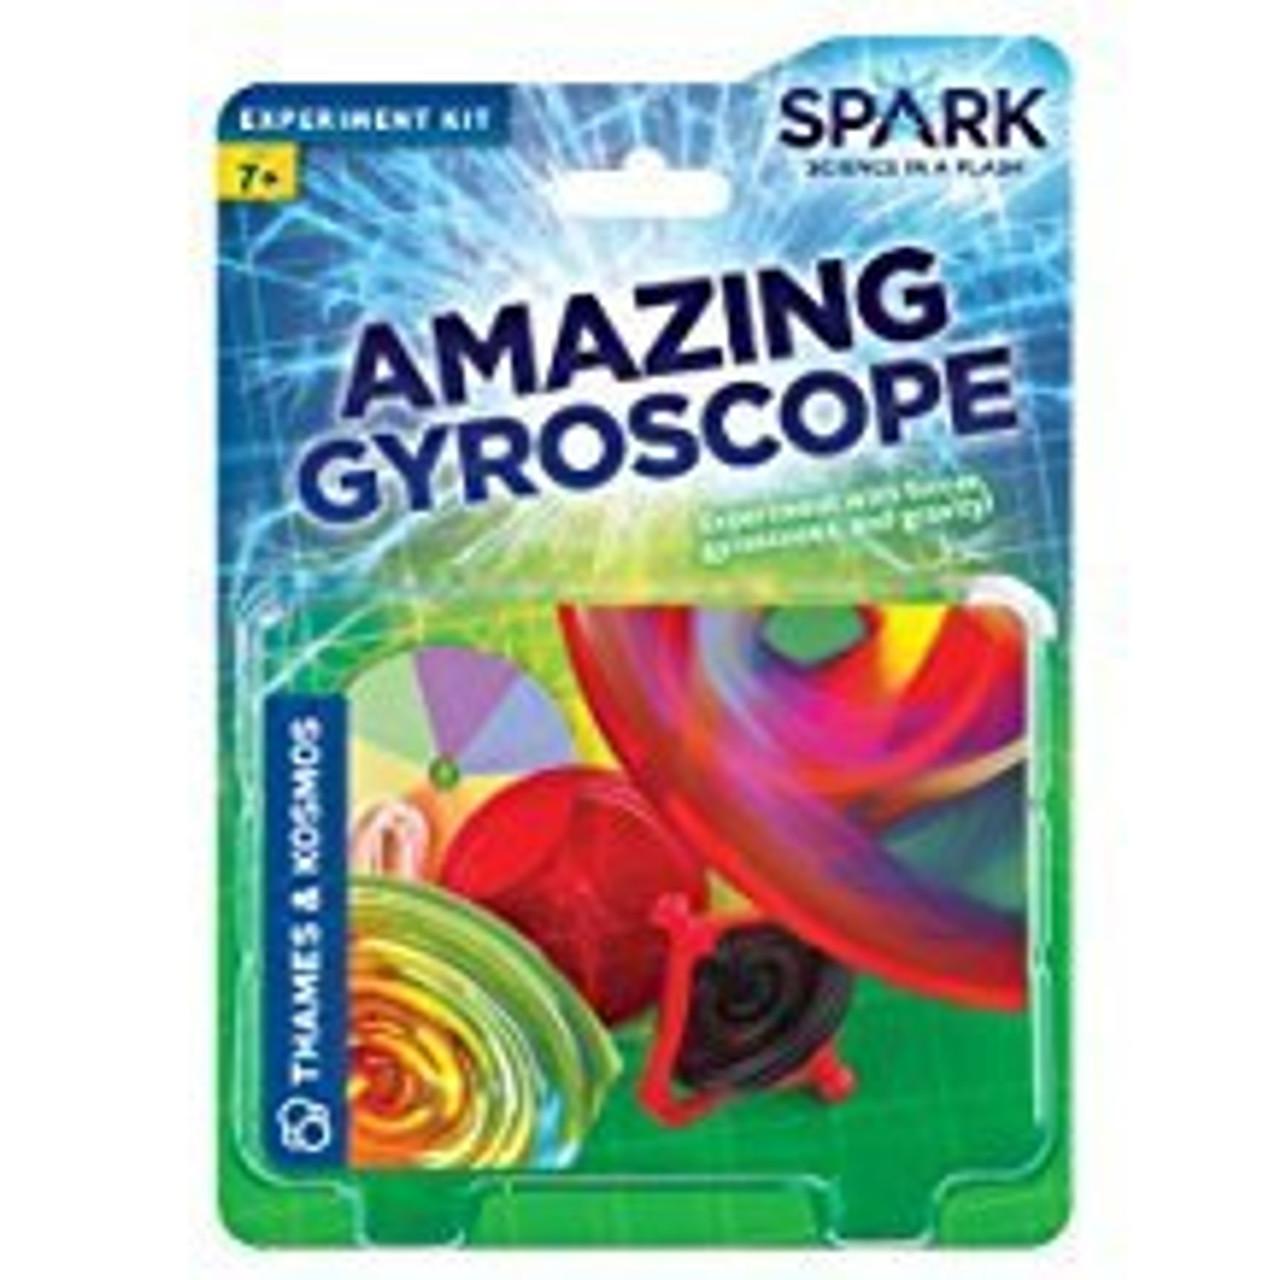 AMAZING GYROSCOPE